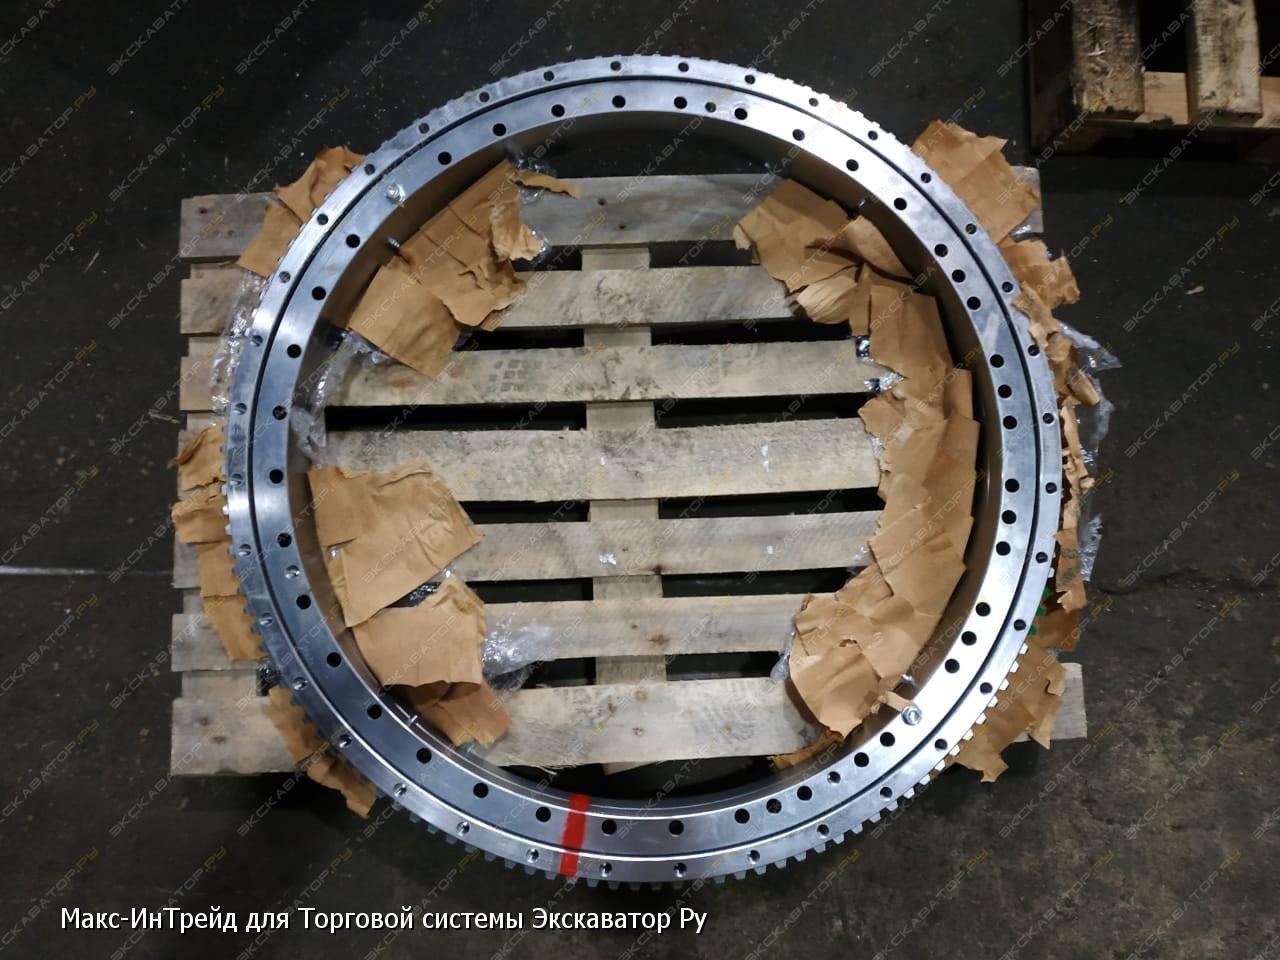 Продажа: Поворотный круг для Terex Fuchs 714  Москва, Макс-ИнТрейд